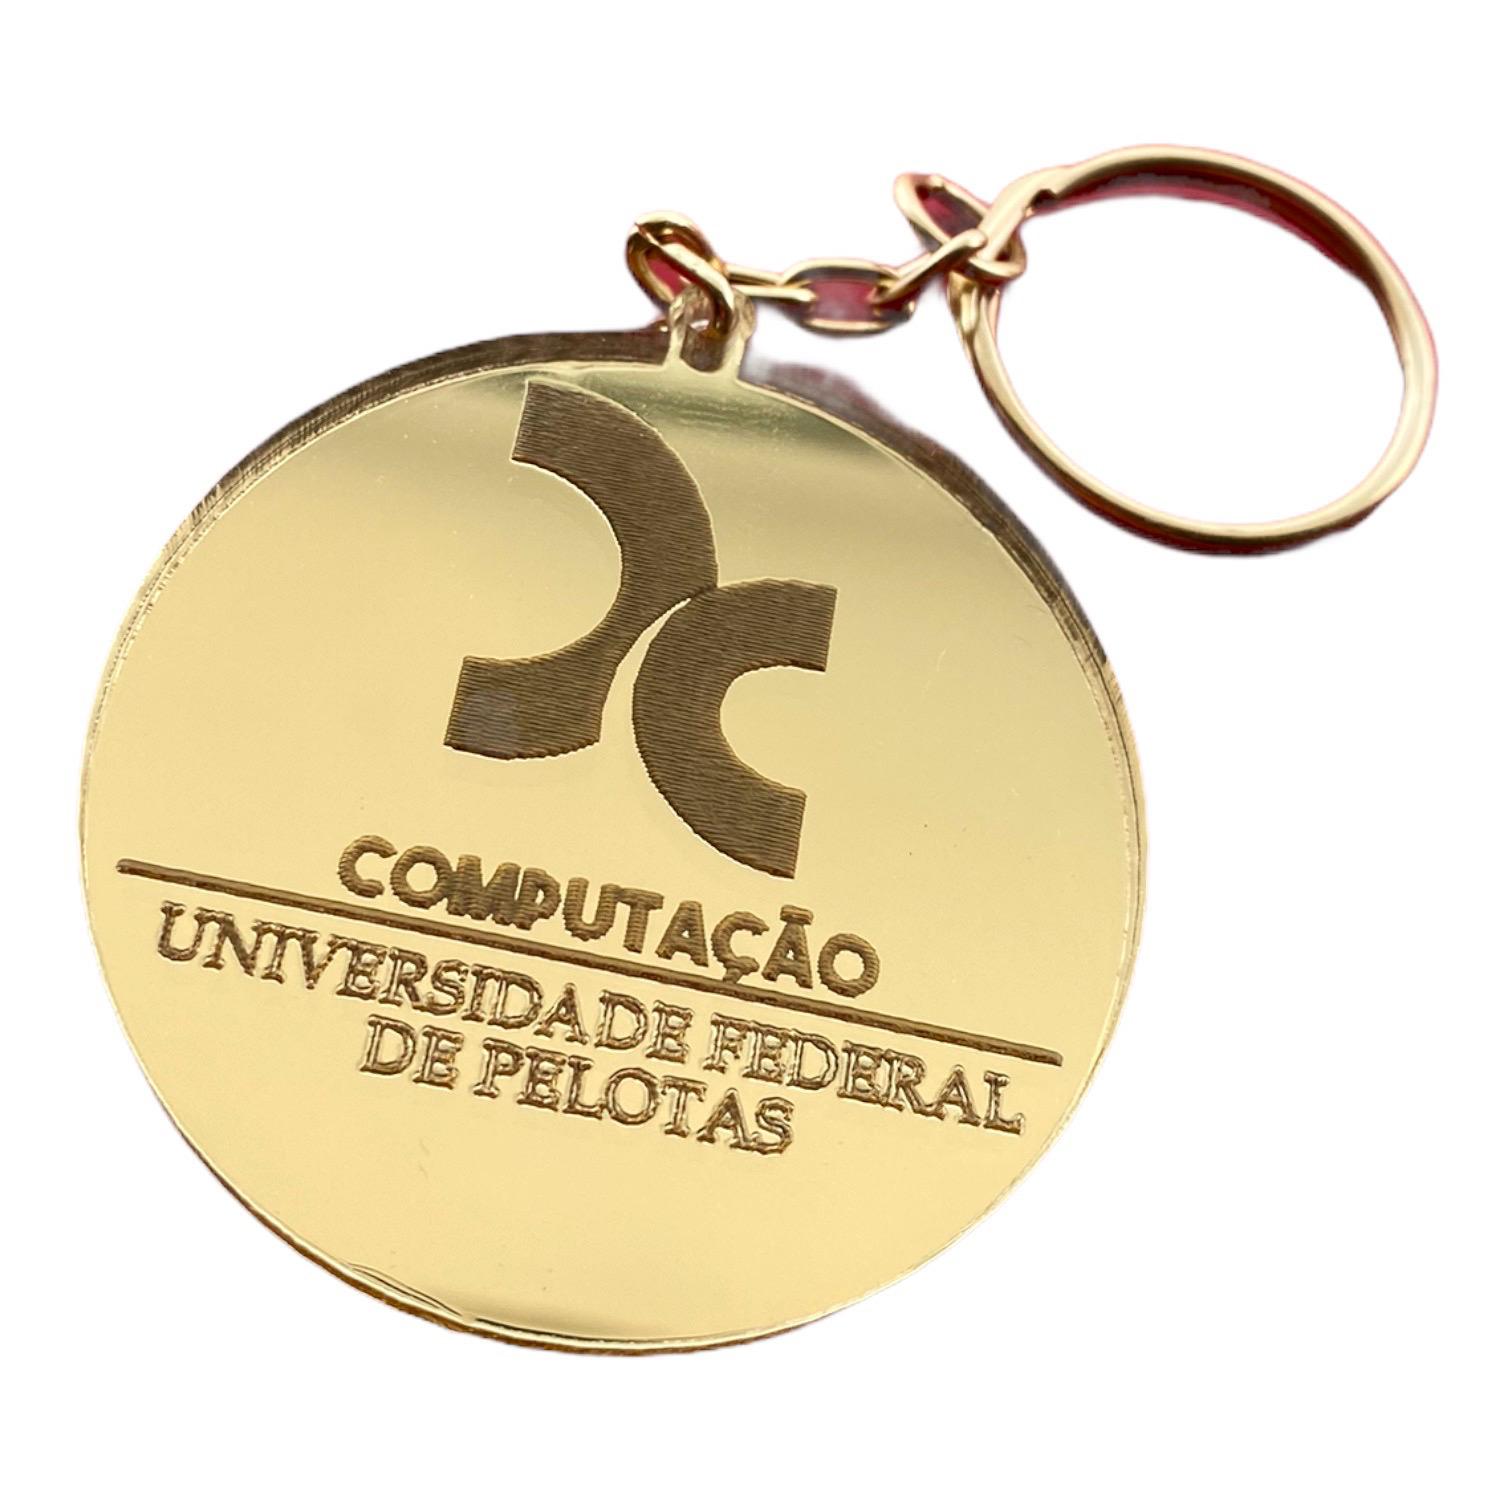 Chaveiro Brinde Corporativo Coração ACRÍLICO ESPELHADO Prata ou Dourado com Logotipo Personalizado